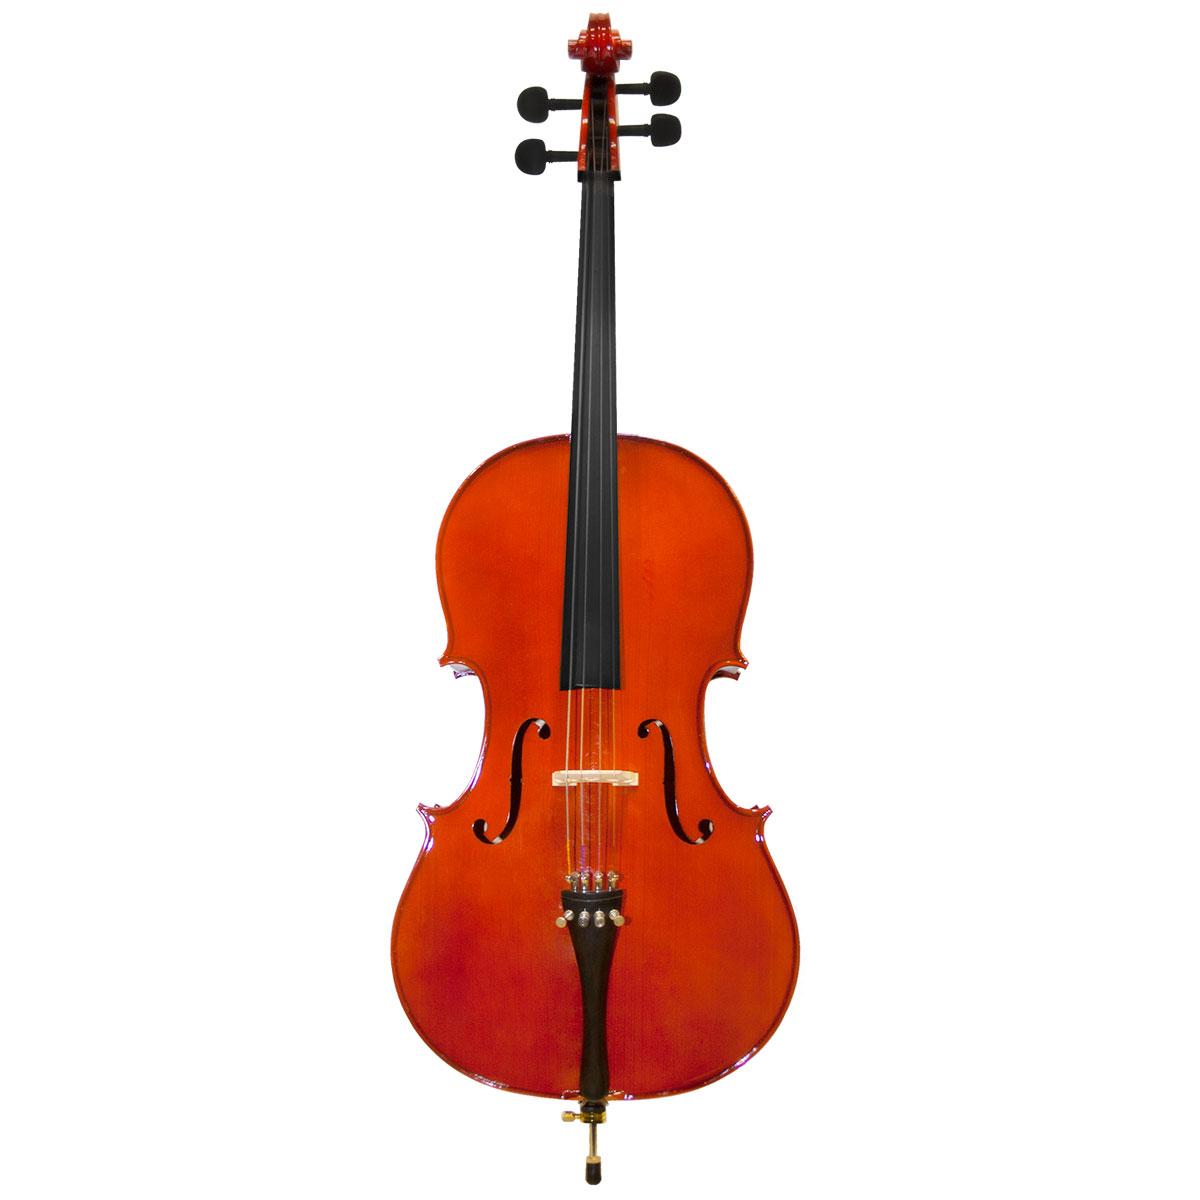 Violoncelo Tradicional 4 / 4 VOM40 4 / 4 Verniz Translúcido Avermelhado - Michael